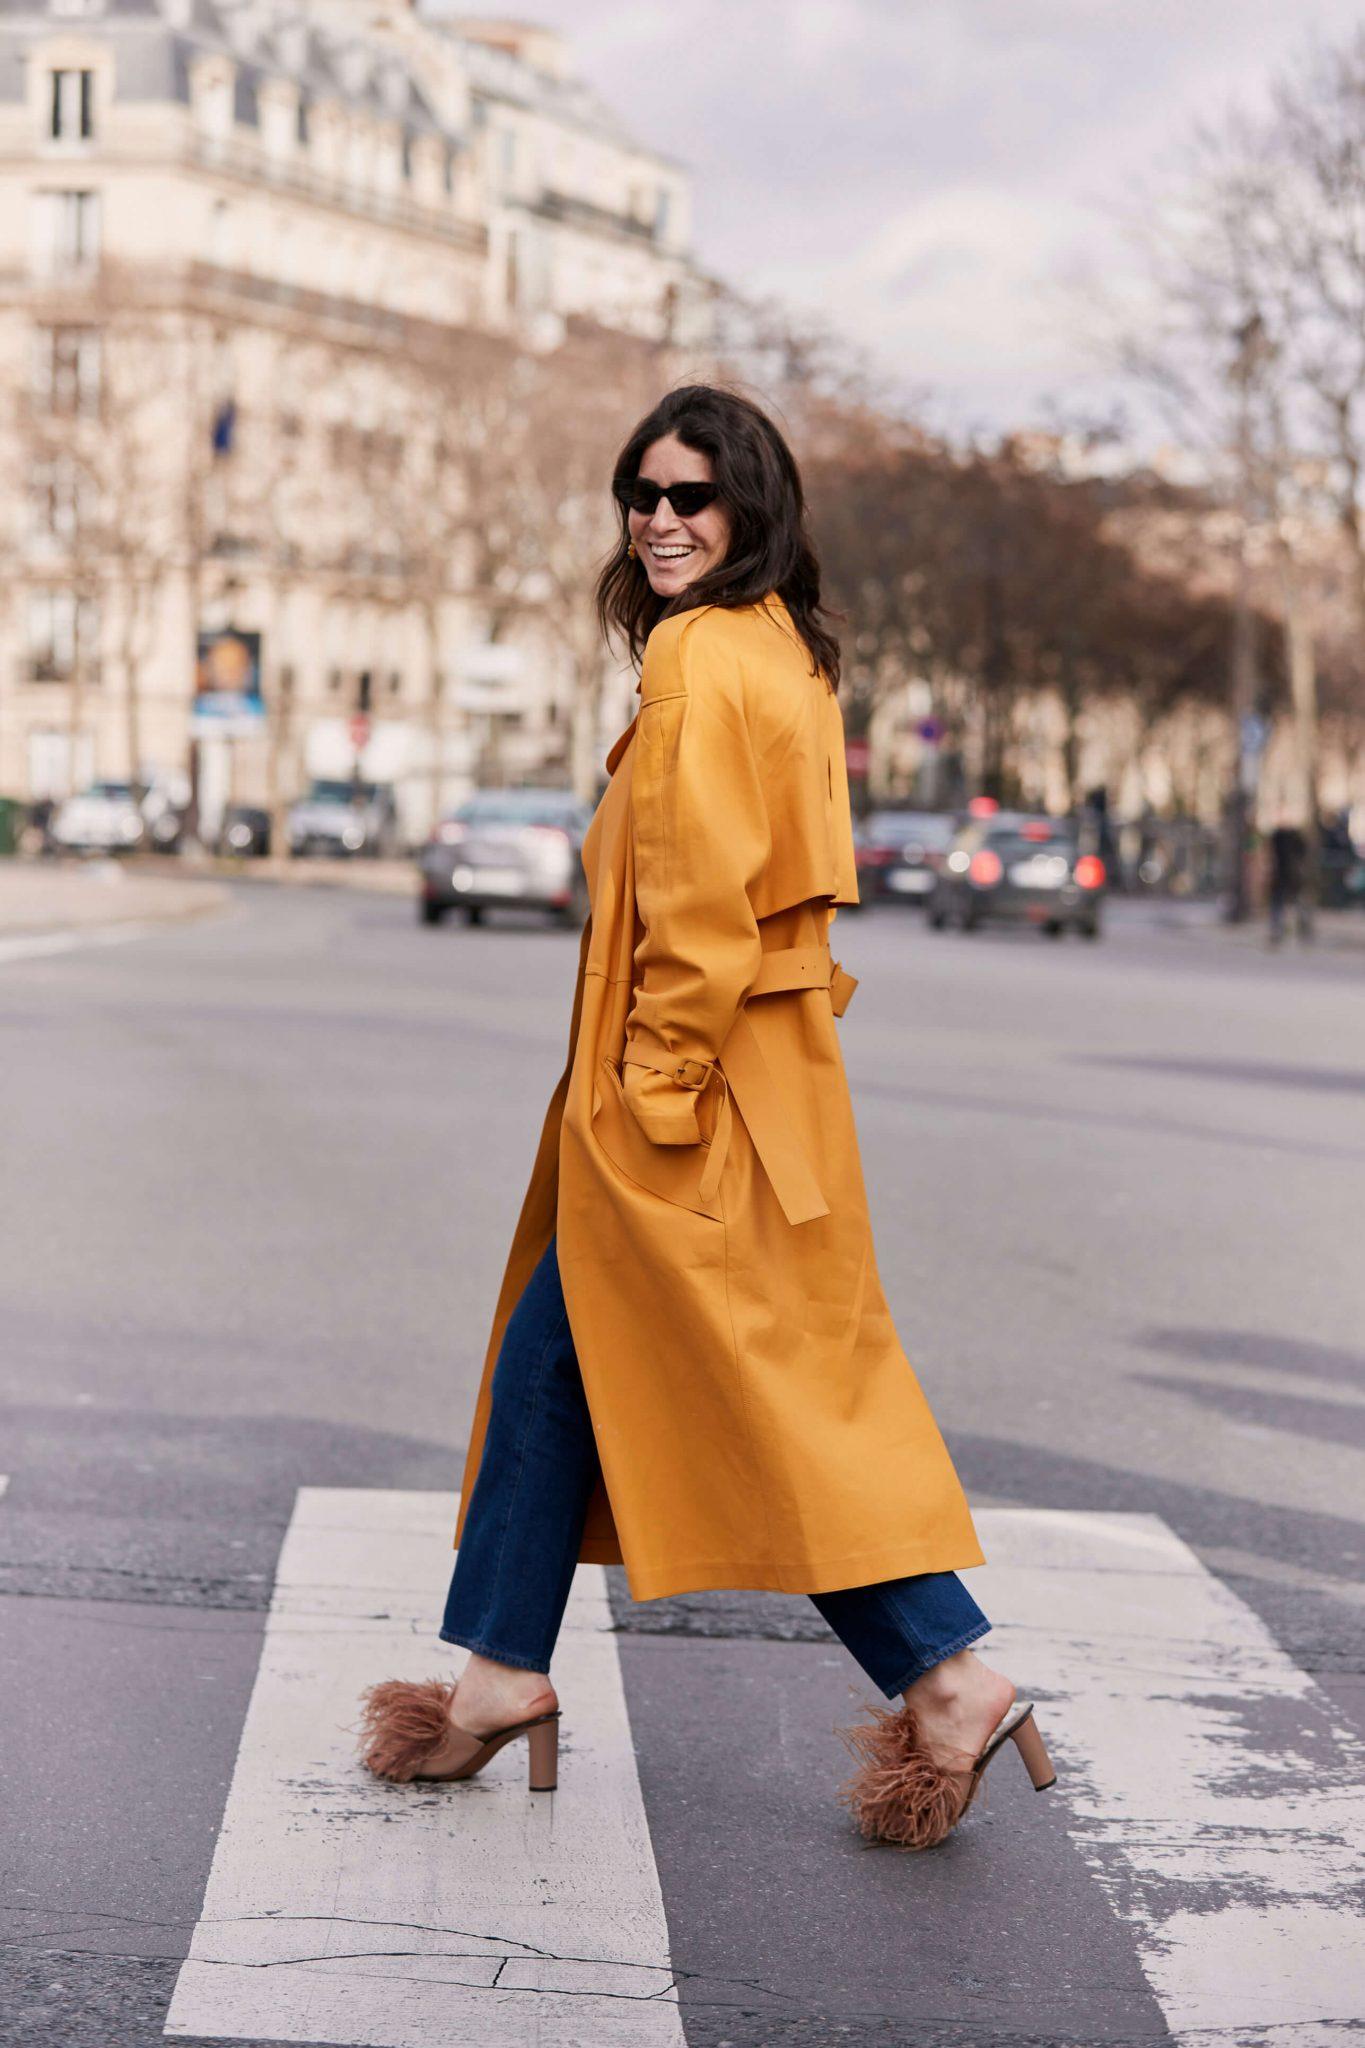 Cores suaves e looks monocromáticos são tendências de moda